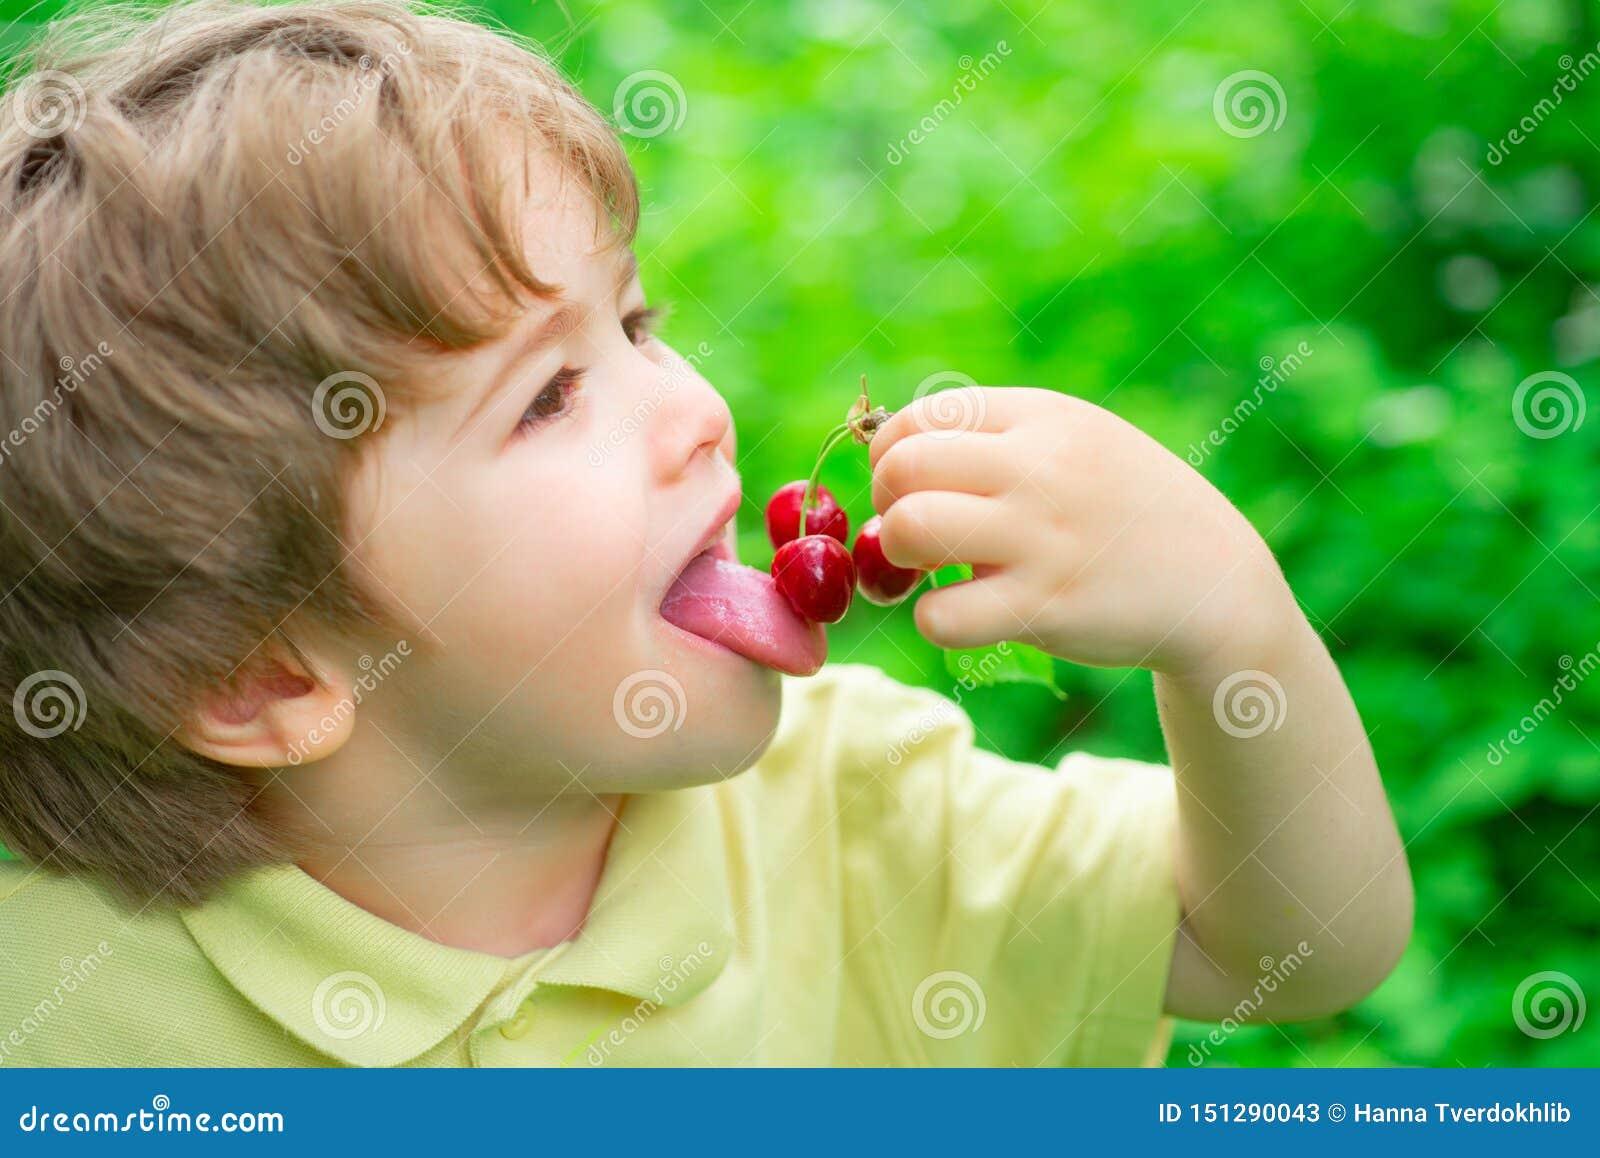 Gosto da cereja O menino come frutos do verão Esta??o da cereja Frutos e bagas para crianças